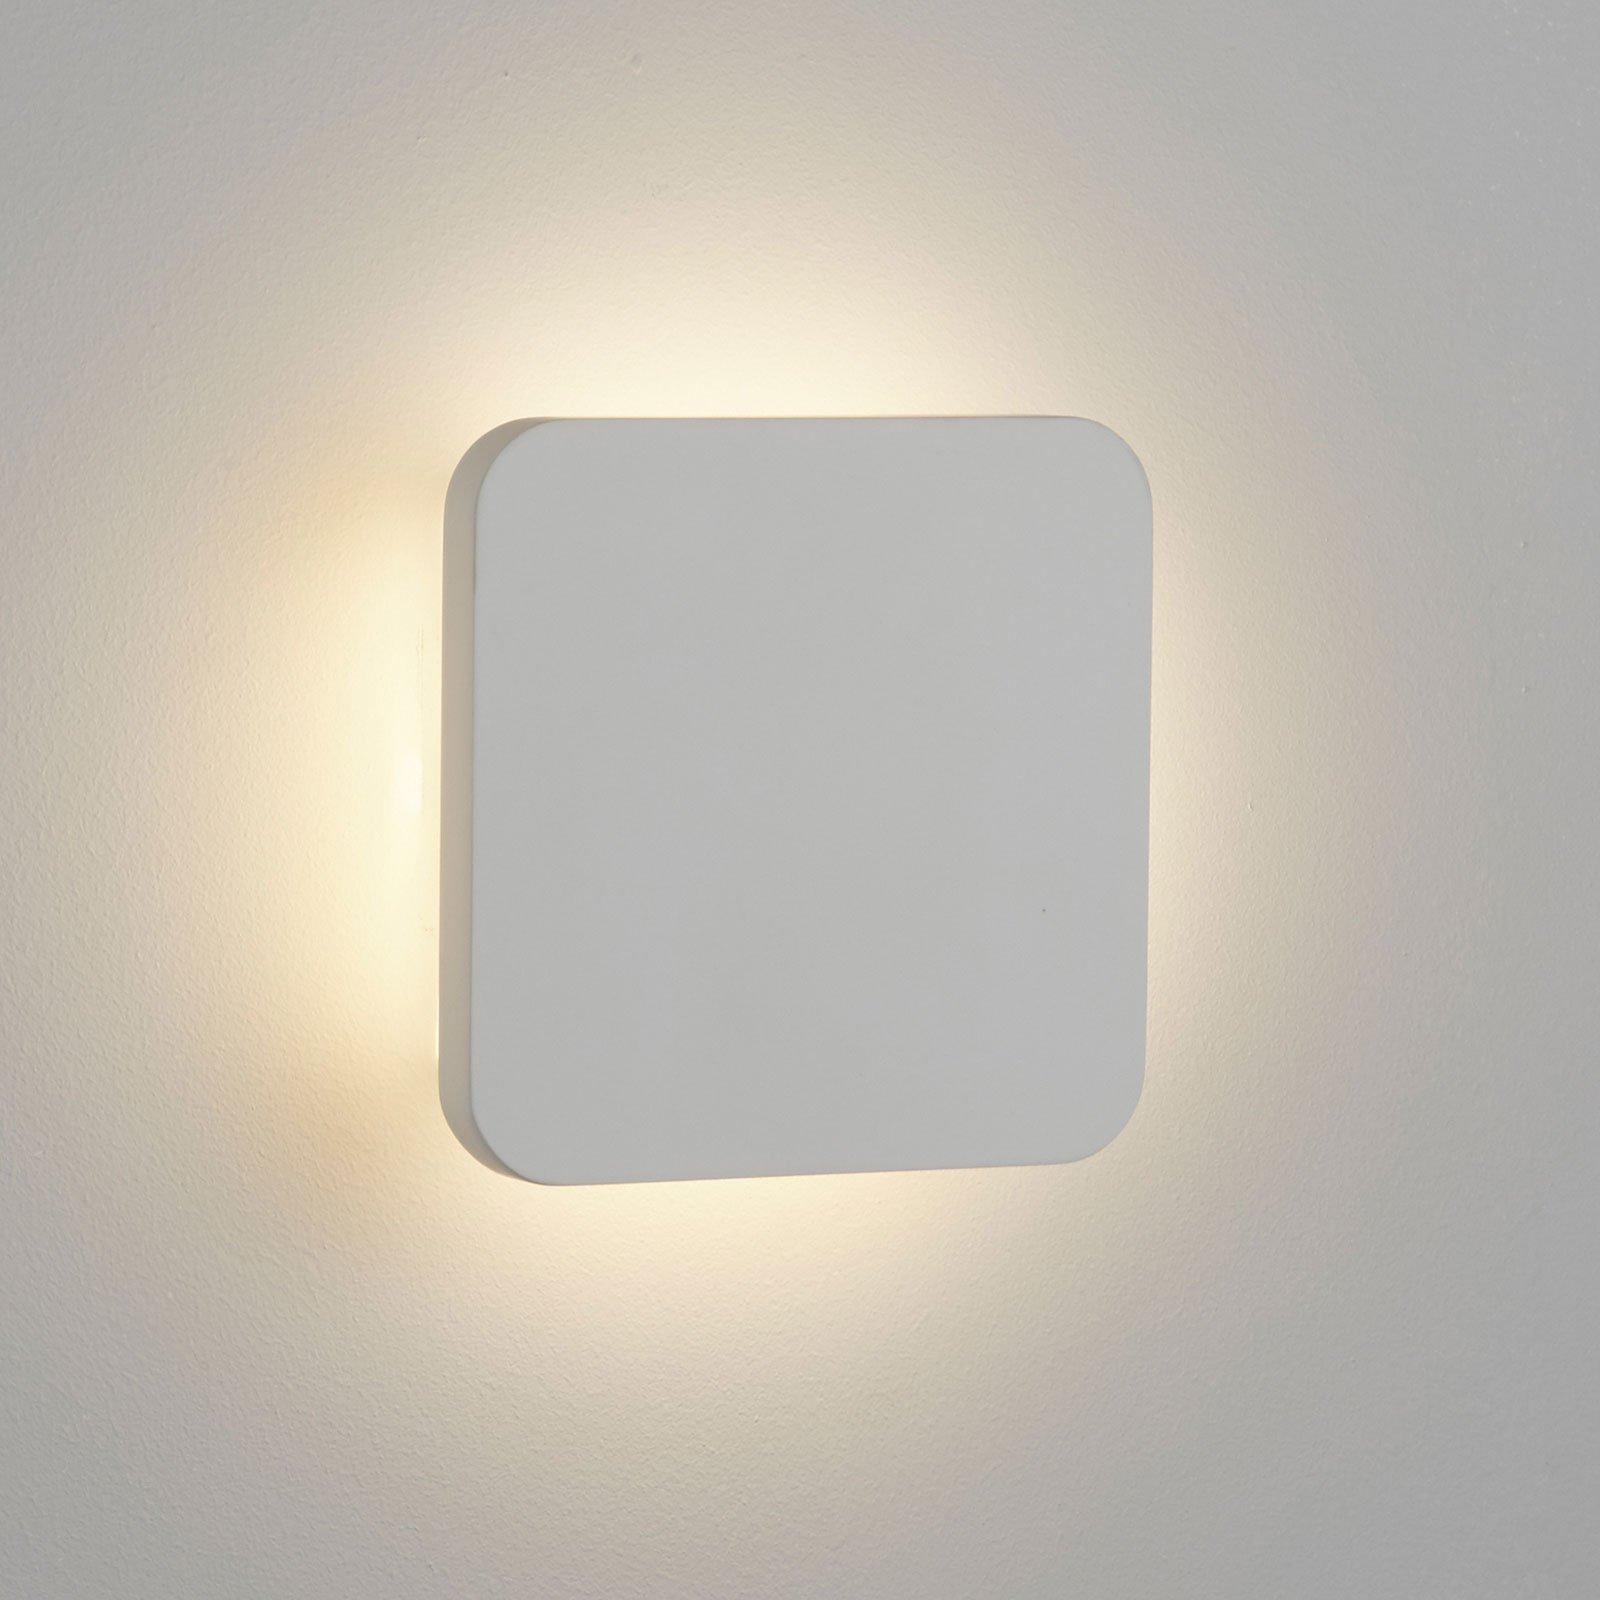 LED-vegglampe Gypsum 15x15cm i hvit gips